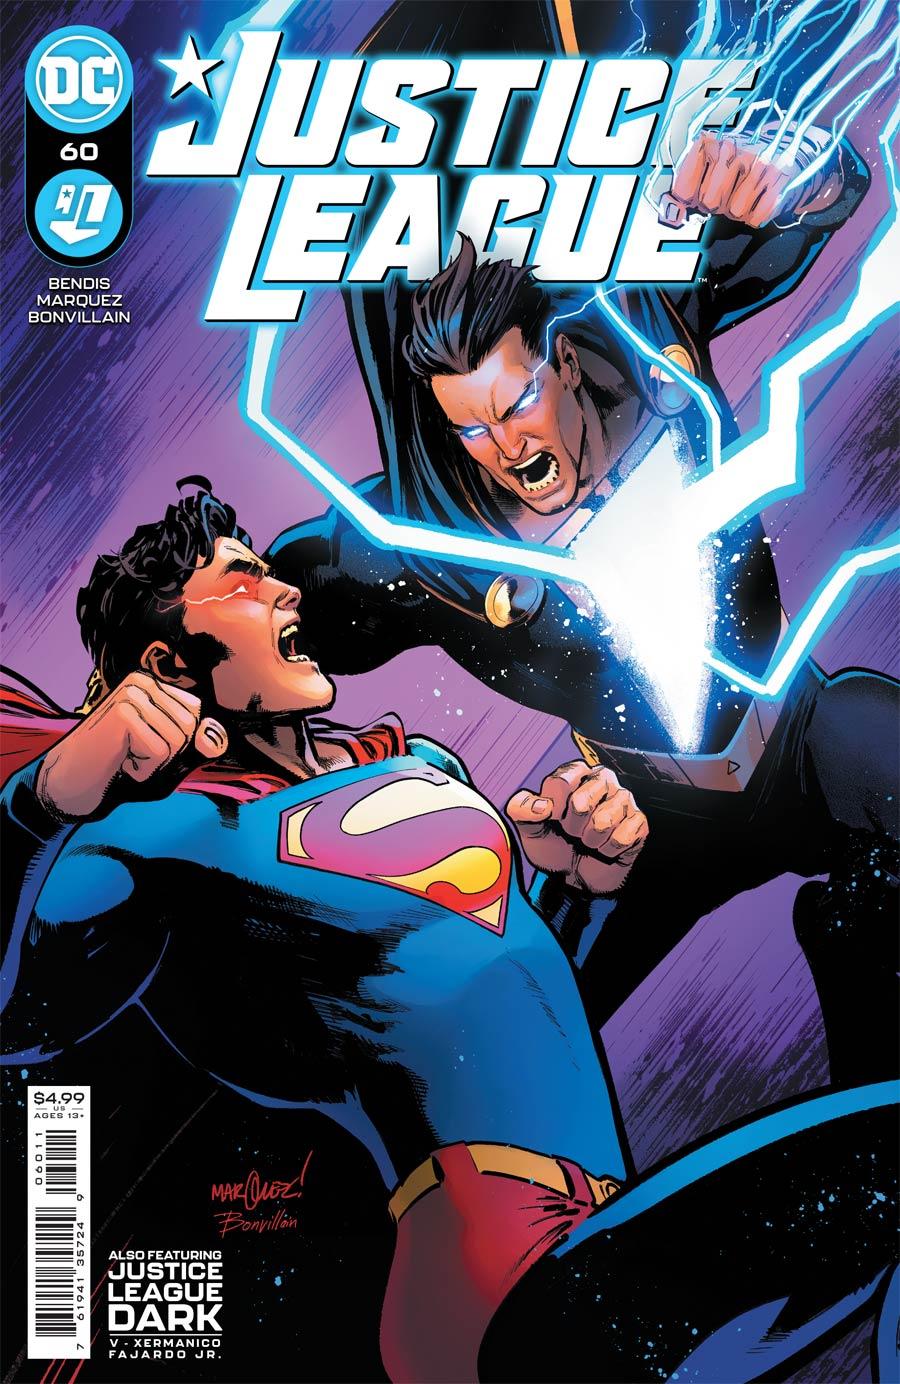 Justice League Vol 4 #60 Cover A Regular David Marquez Cover